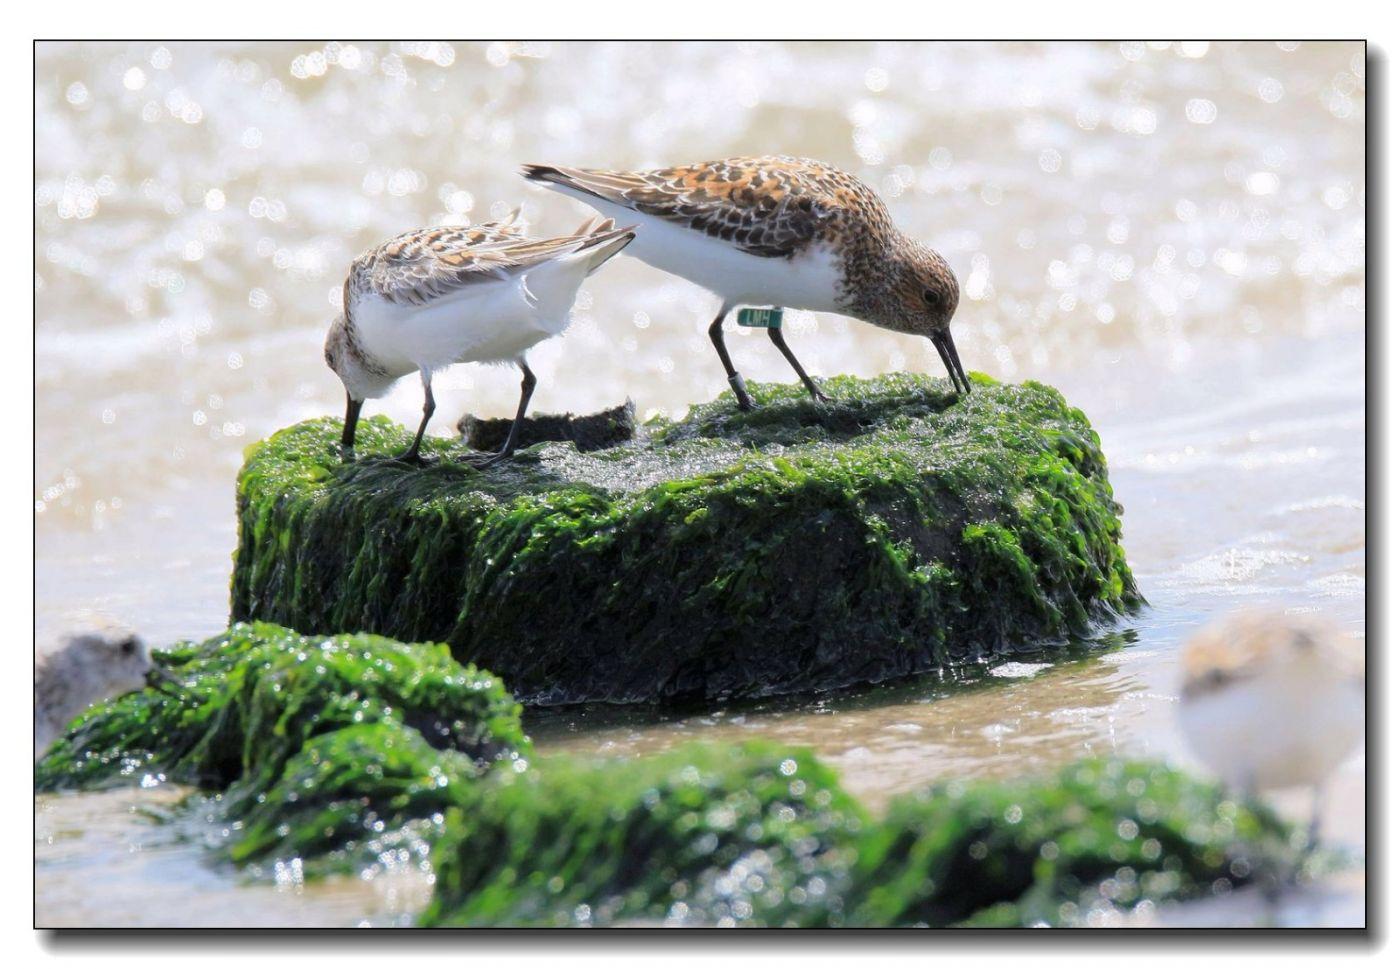 洛克威海滩拍鸟—滨鹬_图1-13